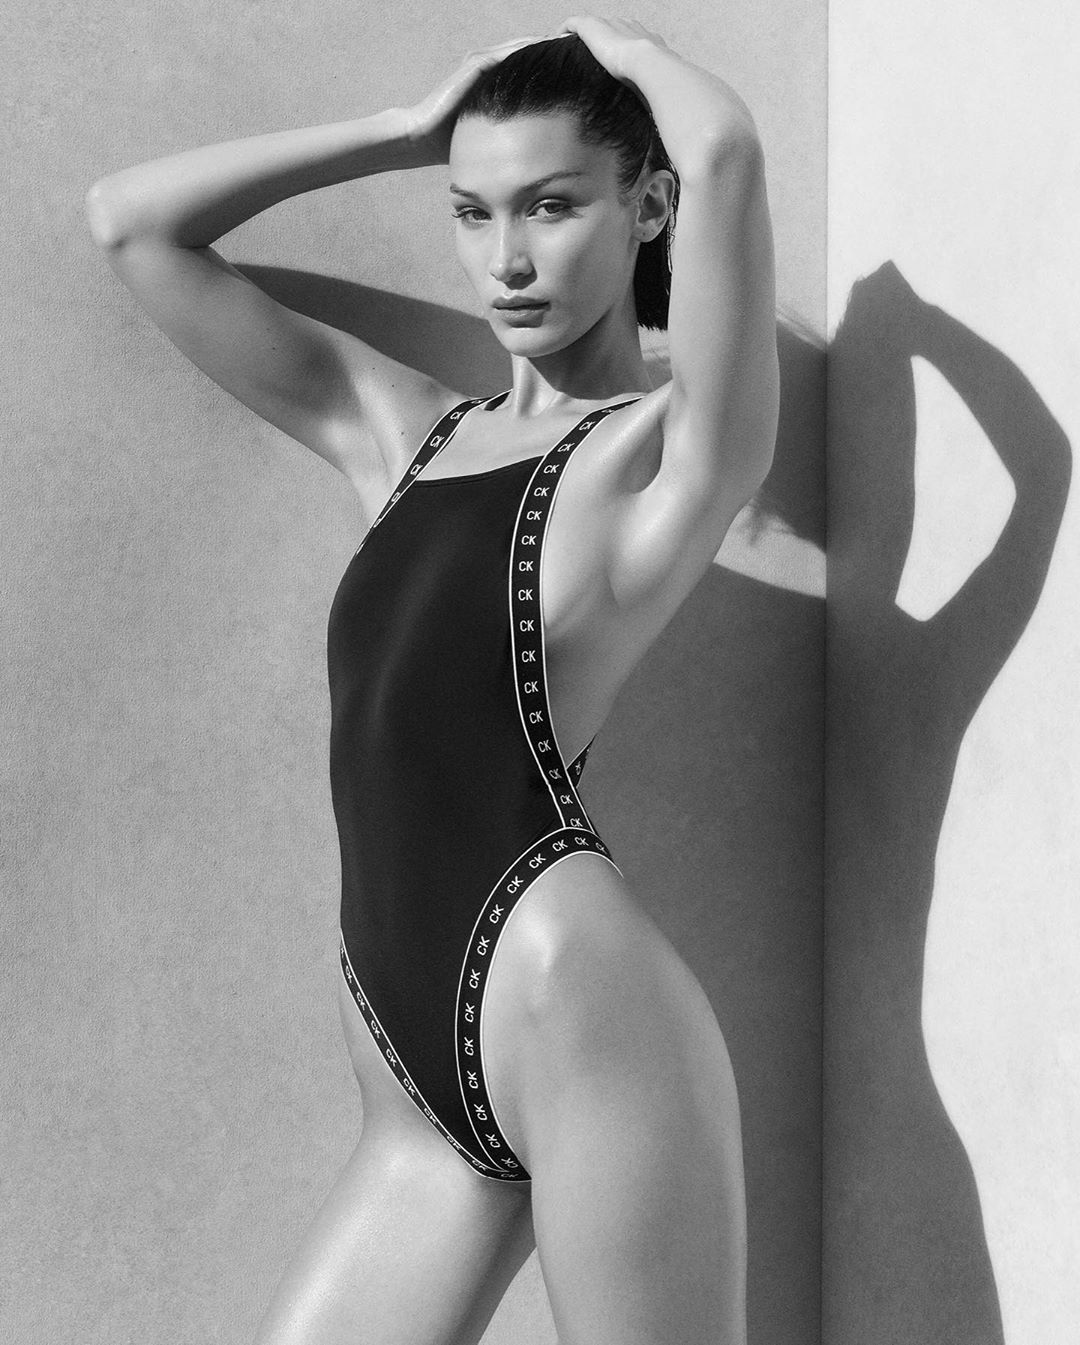 Белла Хадид стала лицом новой линейки купальников Calvin Klein